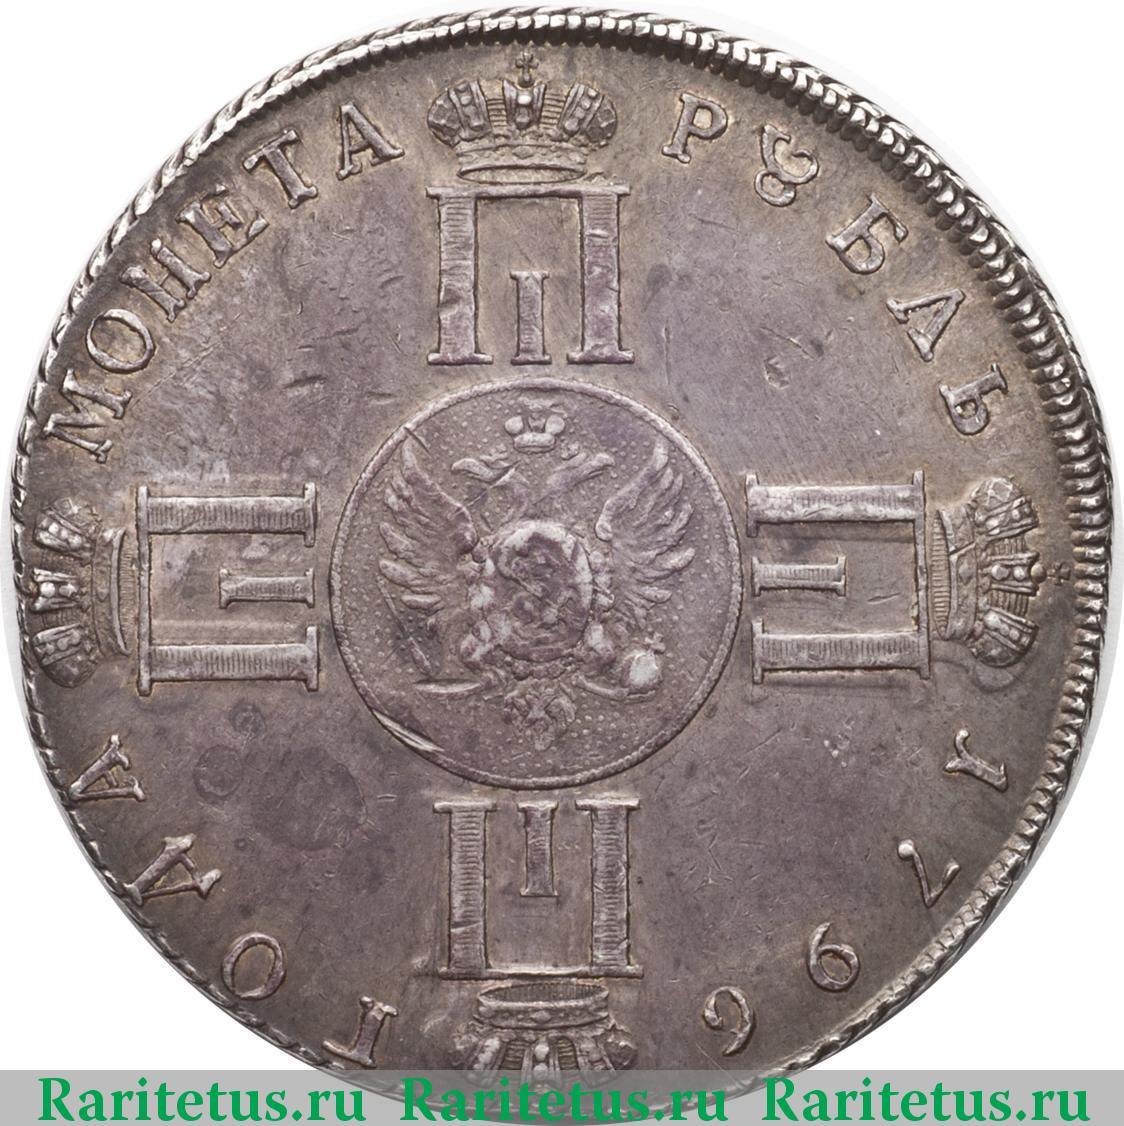 Монета 1796 года цена цены на юбилейные монеты ссср и россии